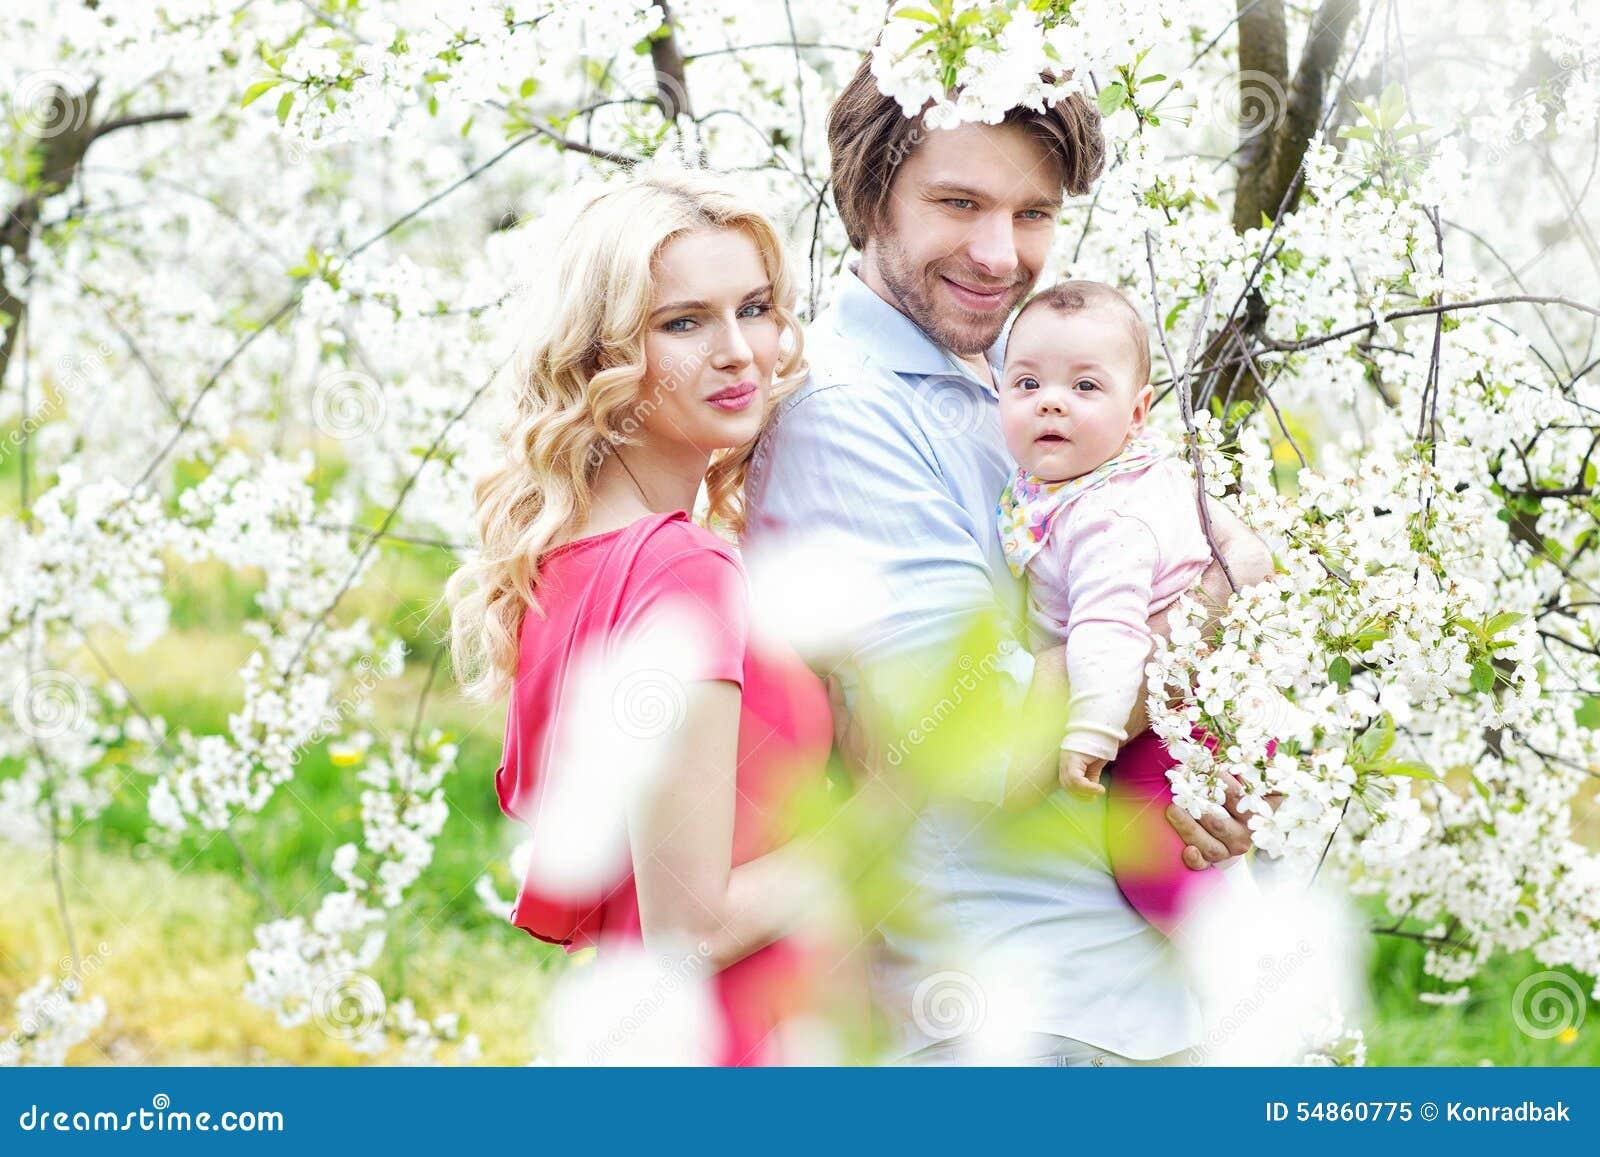 一个快乐的家庭的画象